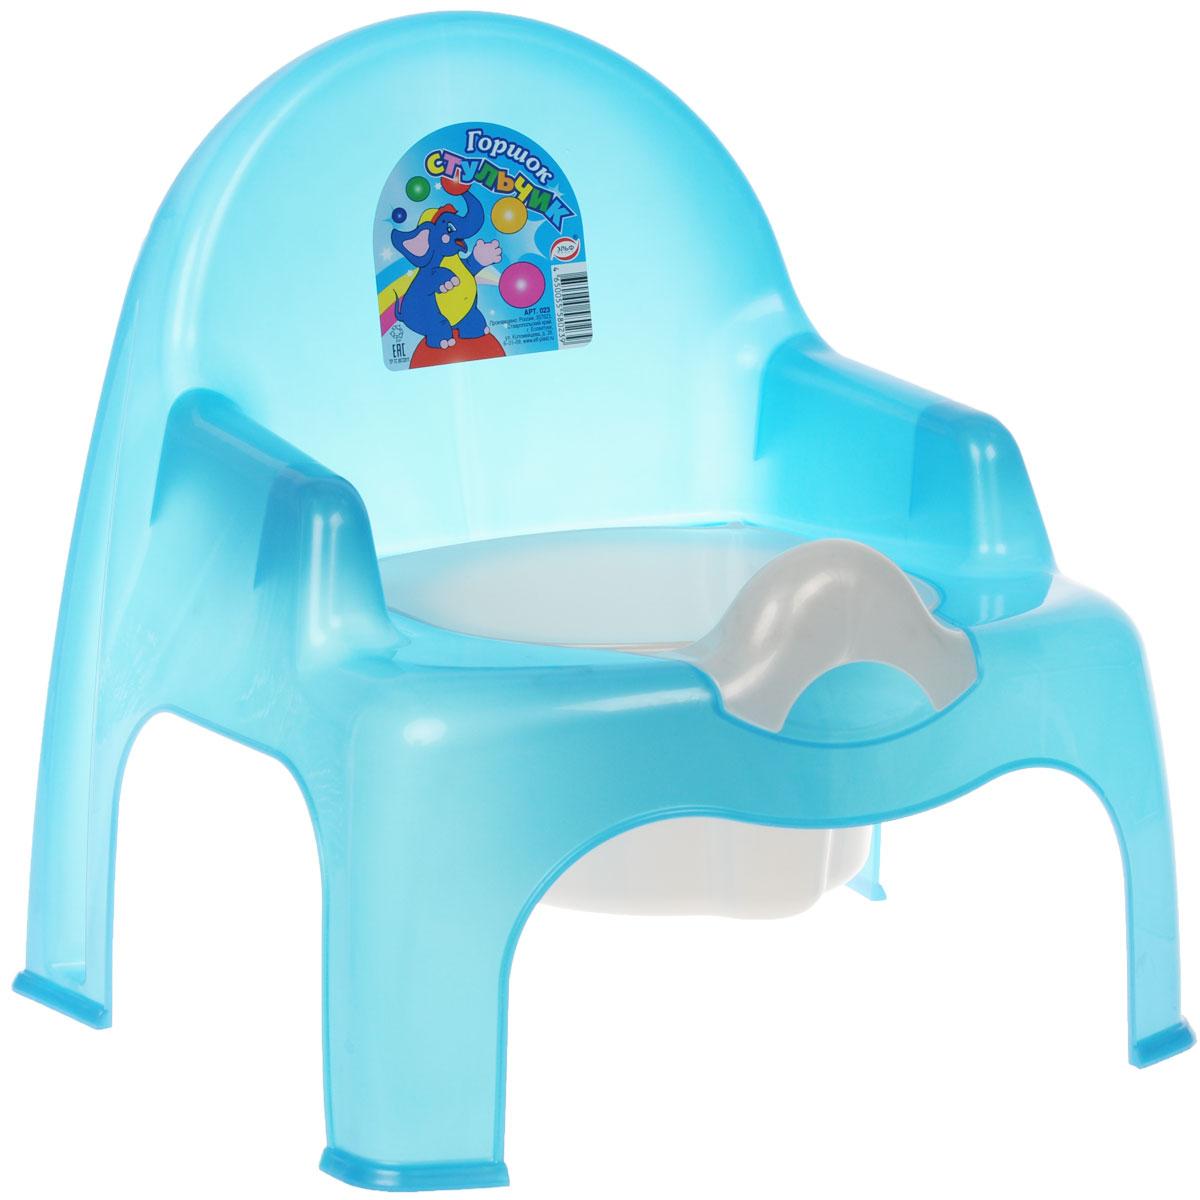 Эльфпласт Горшок-стульчик, с крышкой, цвет: голубой